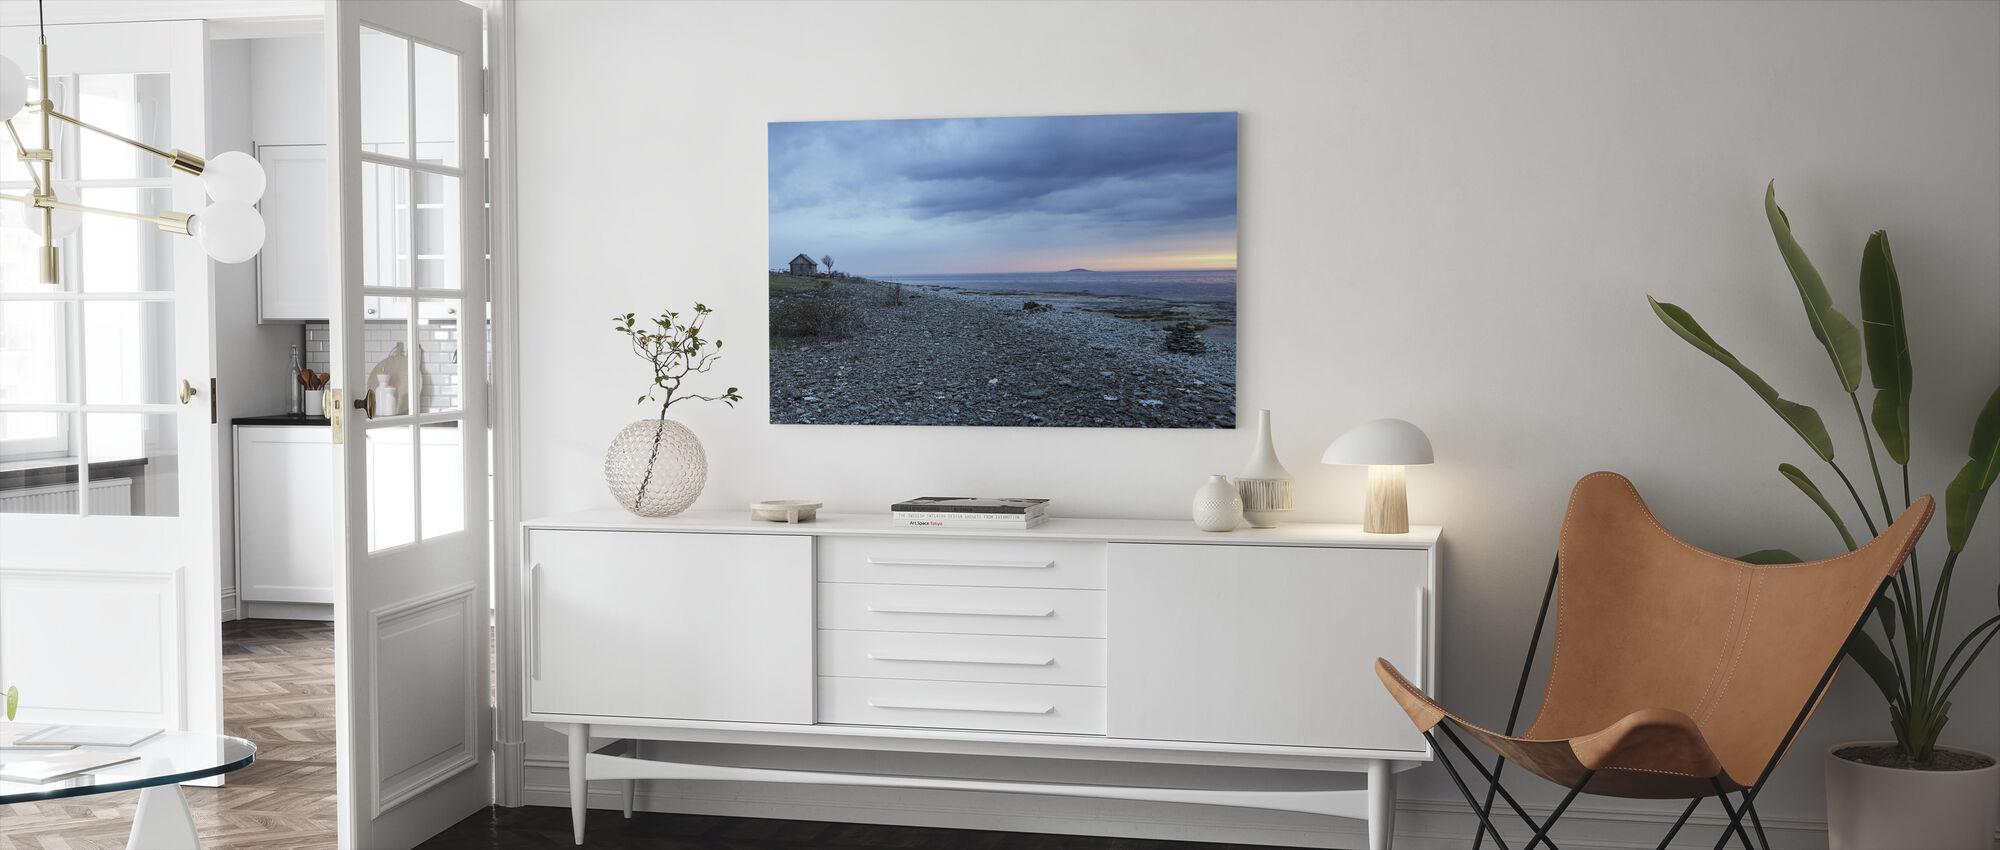 Strand Kustlijn - Canvas print - Woonkamer